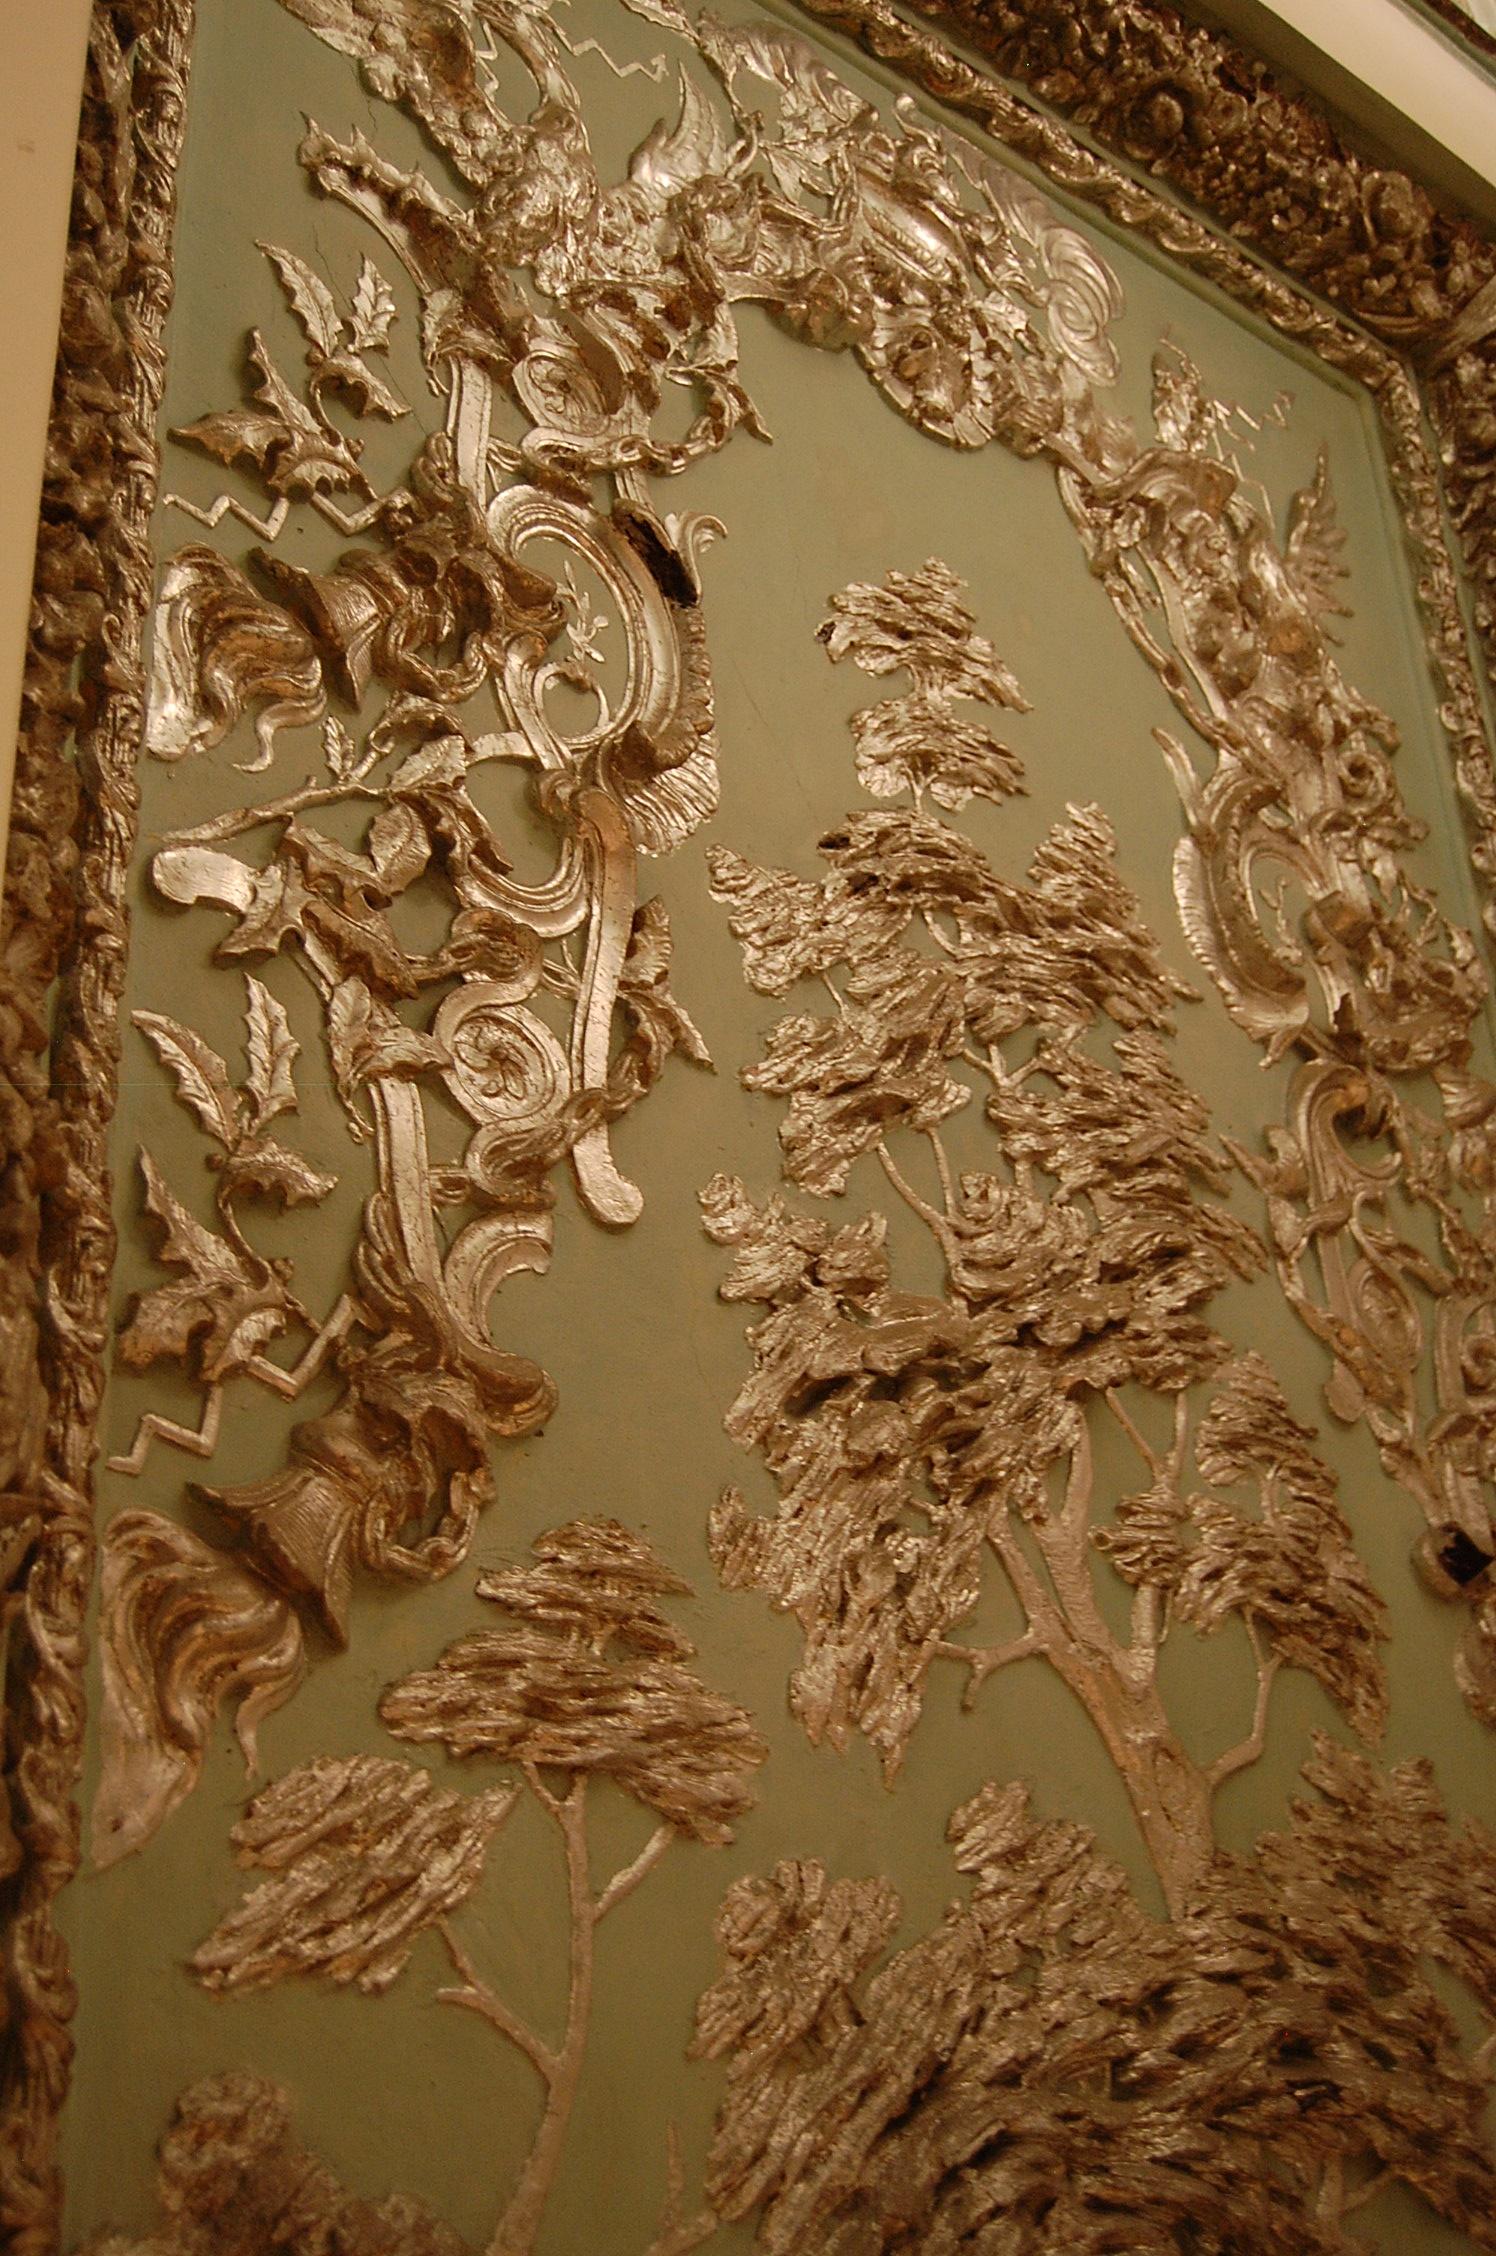 rocaille-blog-palazzo-brancaccio-museo-arte-orientale-46